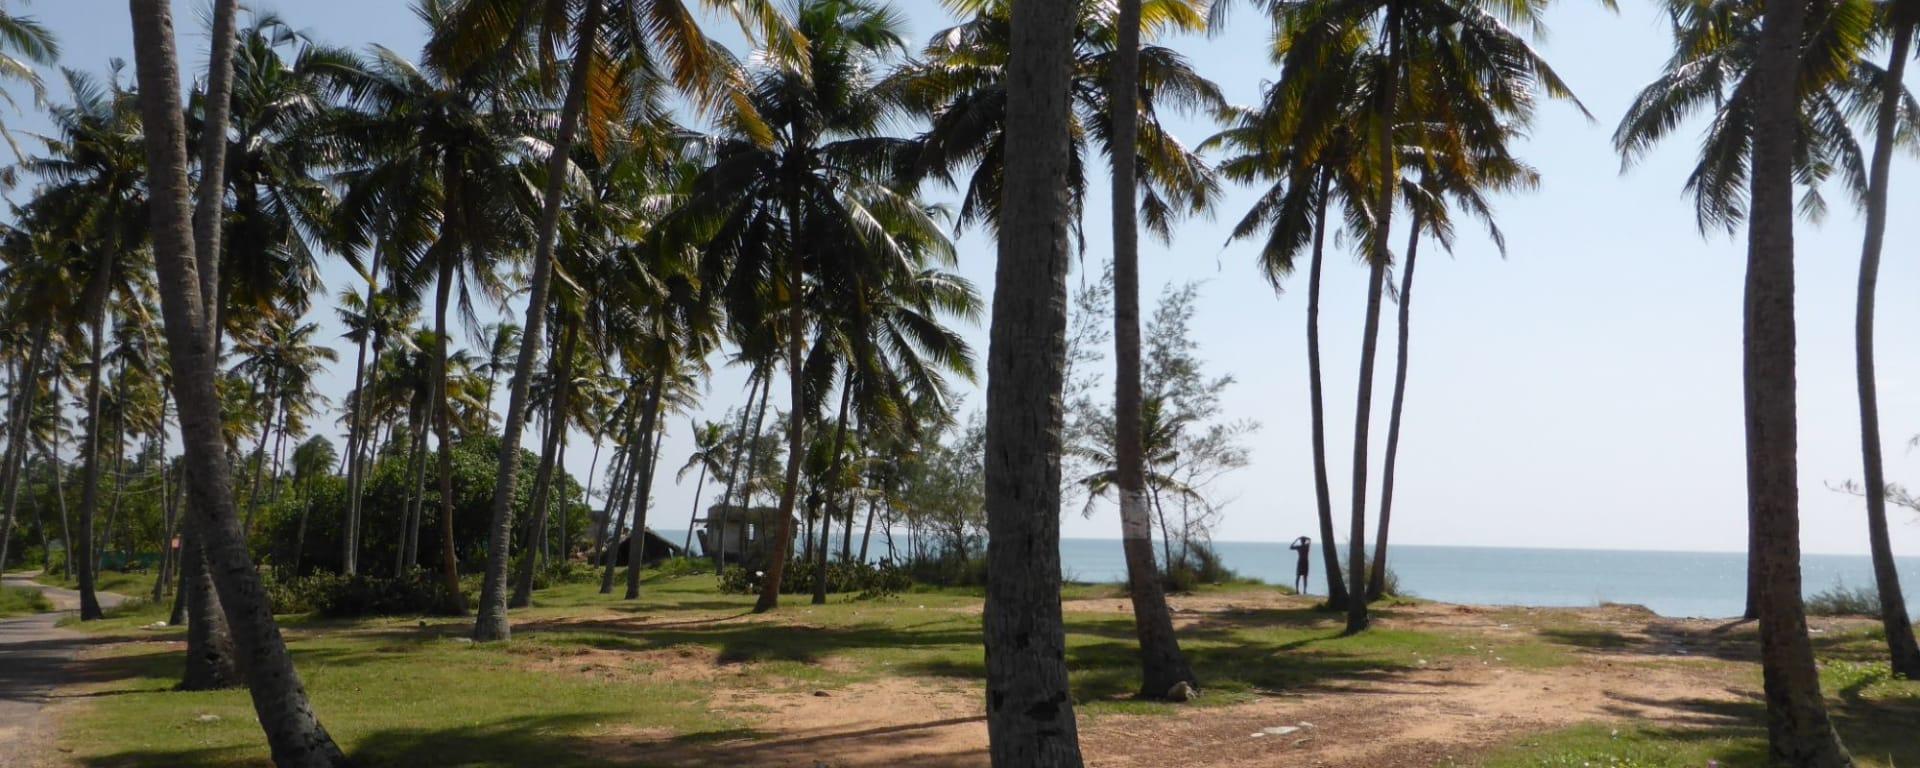 Tour à vélo à travers le Kerala de Kovalam: Palms Velotour Kerala